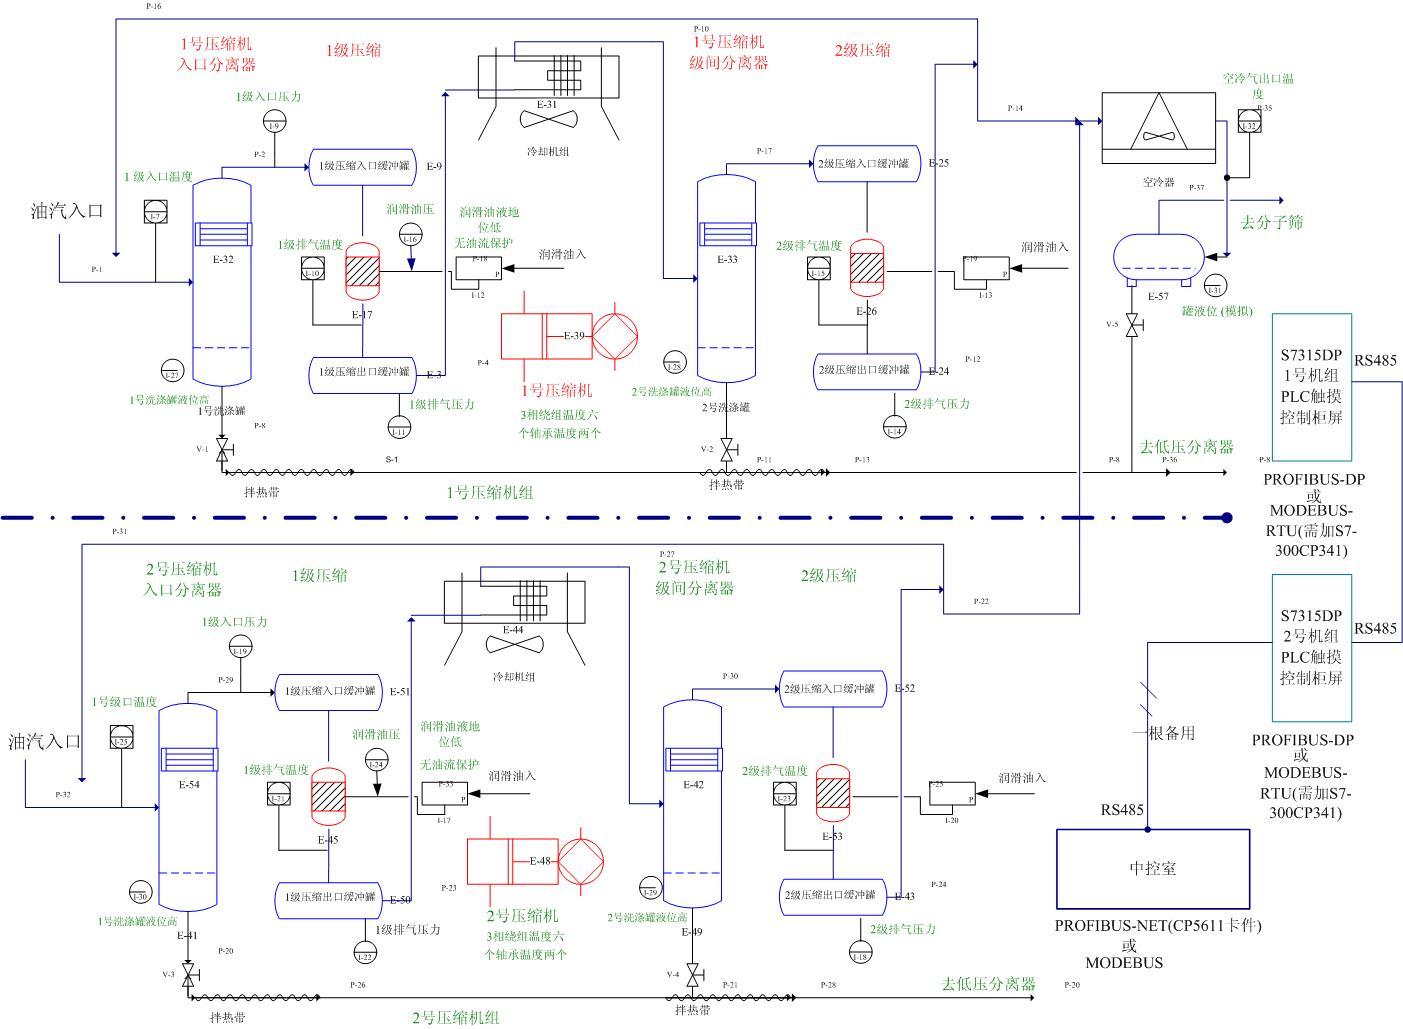 说明: 1.压缩机主要用于油田的采油(气举)和轻烃处理. 2.驱动方式主要有电驱动和燃气燃油驱动. ------------------------------------------- 标题的工艺流程图是6KV电驱动,轻烃处理的压缩机系统结构示意图. 回复贴中的是,燃气燃油驱动的气举压缩机(向地层注气).